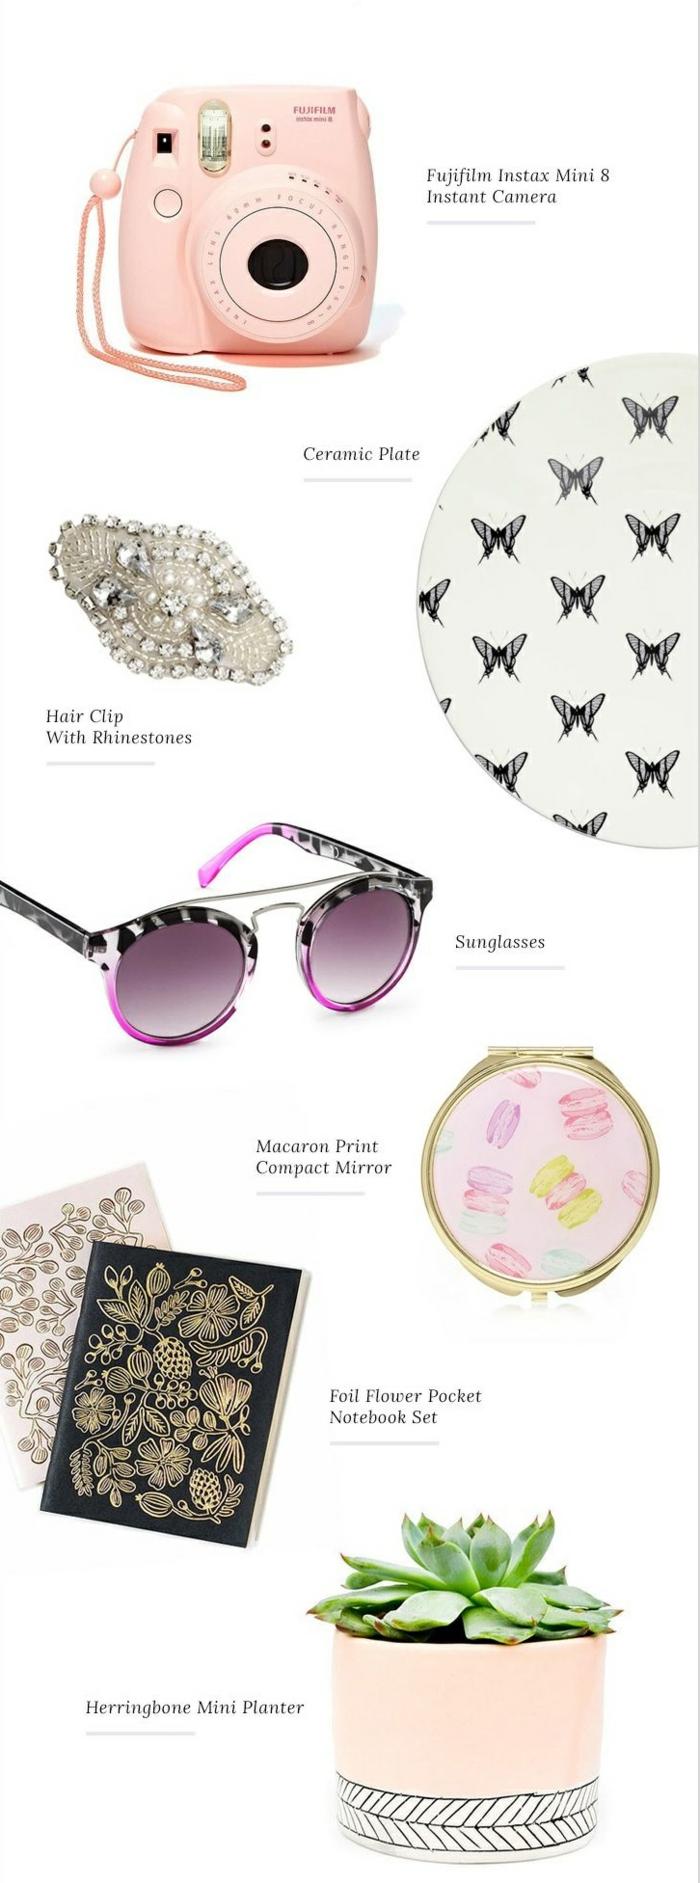 Belle-idée-cadeau-original-femme-à-faire-soi-même-bijoux-photo-ramque-idées